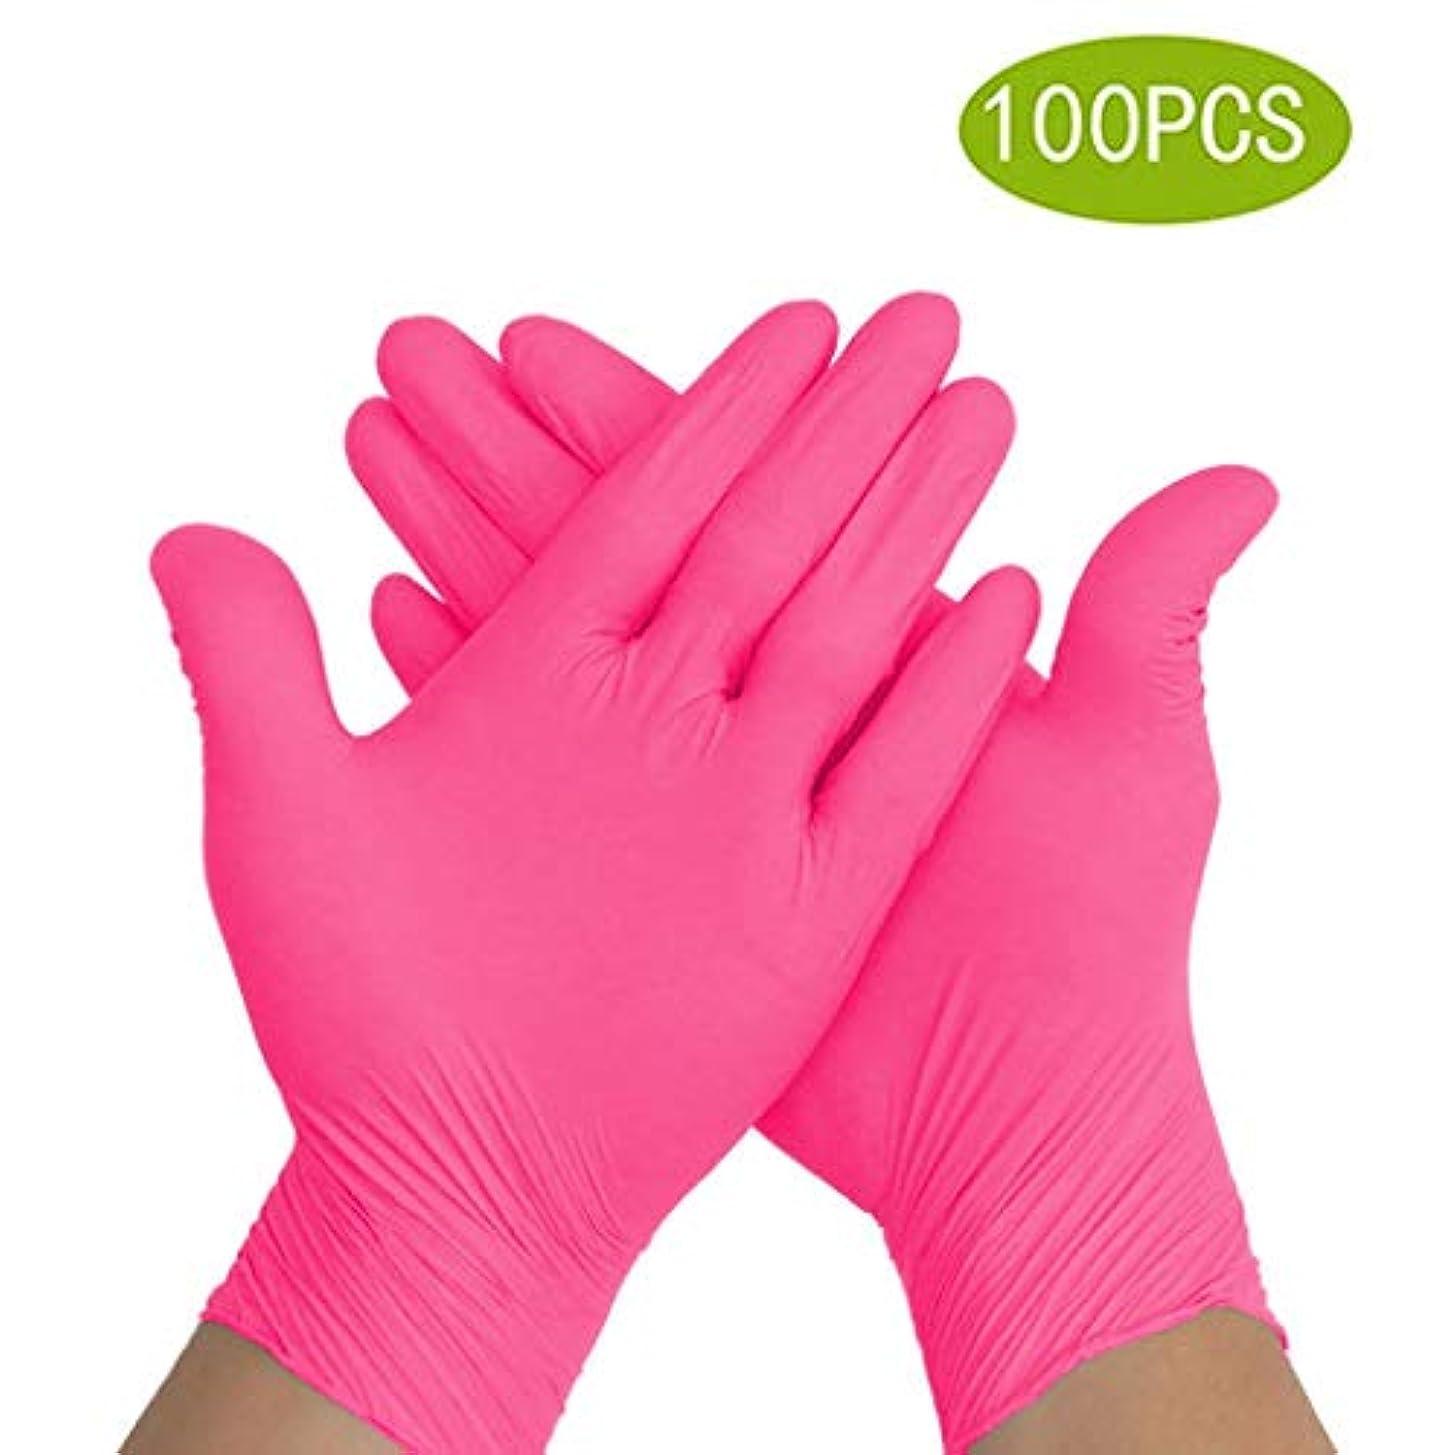 ニトリル使い捨て手袋、パウダーフリーのレッドビューティーサロンタトゥー、食品用手袋、ラテックスフリー、100個ディスペンサーパック (Size : S)